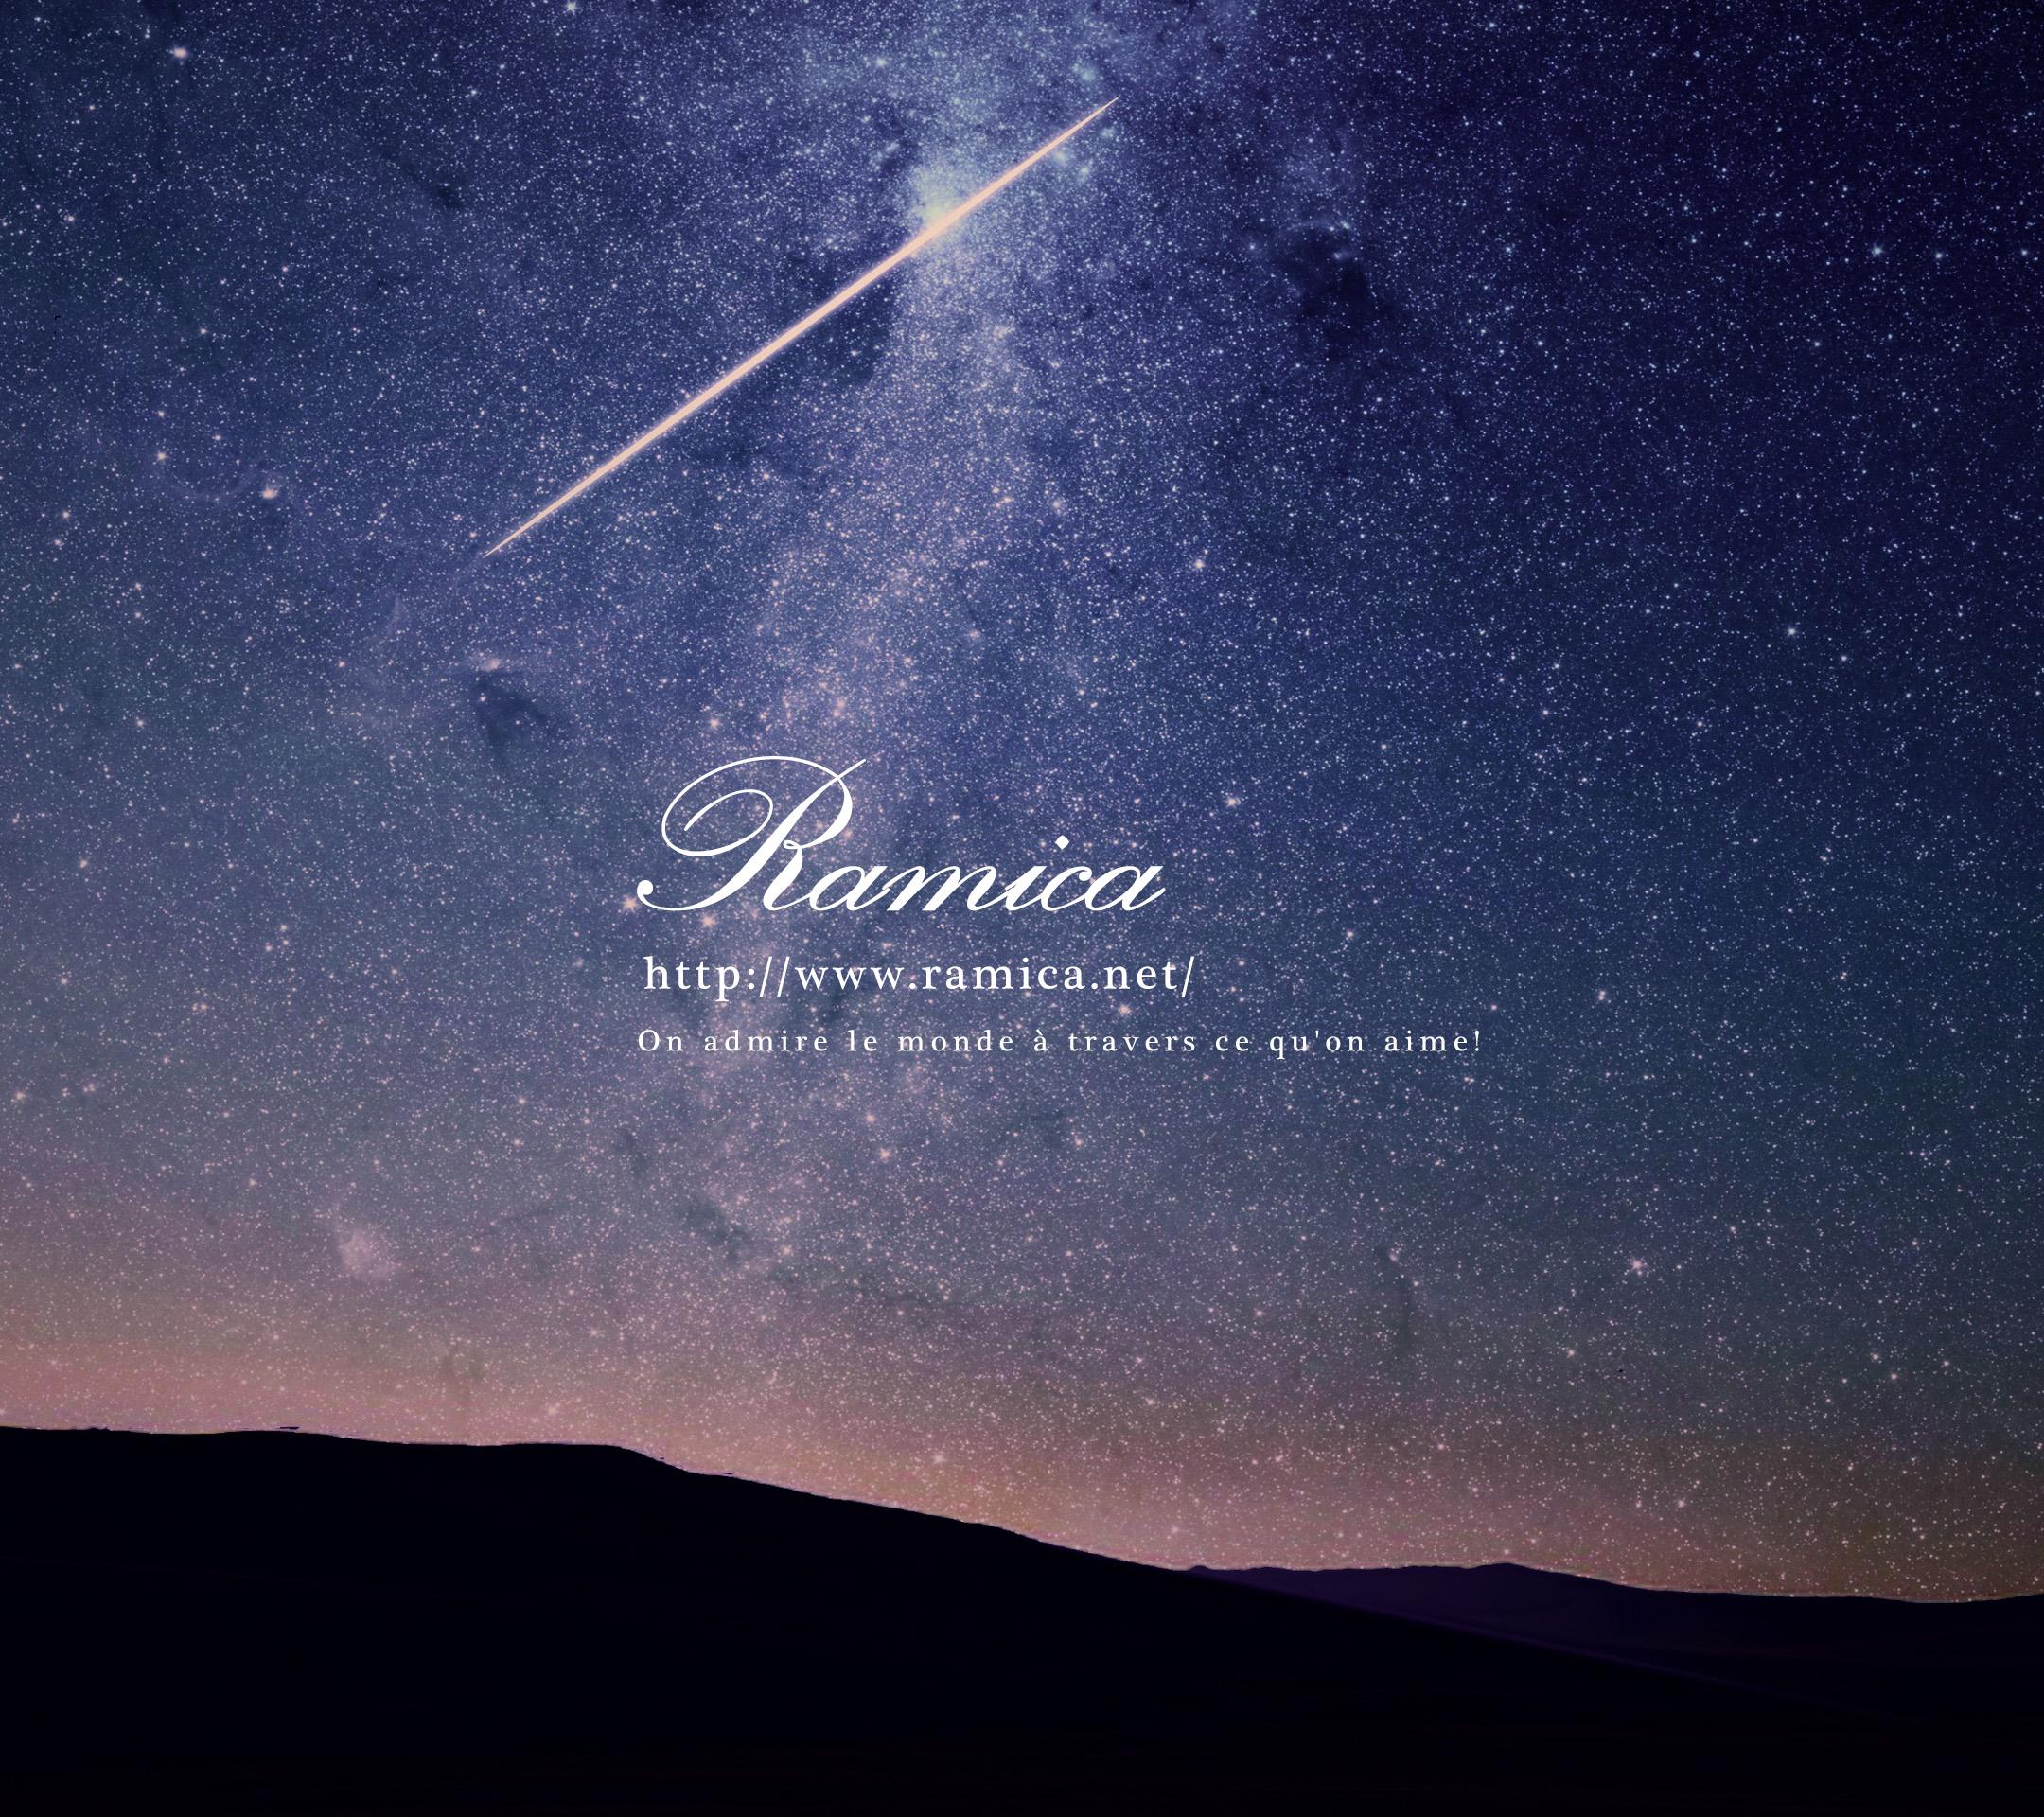 Android アンドロイド用無料壁紙ダウンロード 夜の星空と流星 Ramica